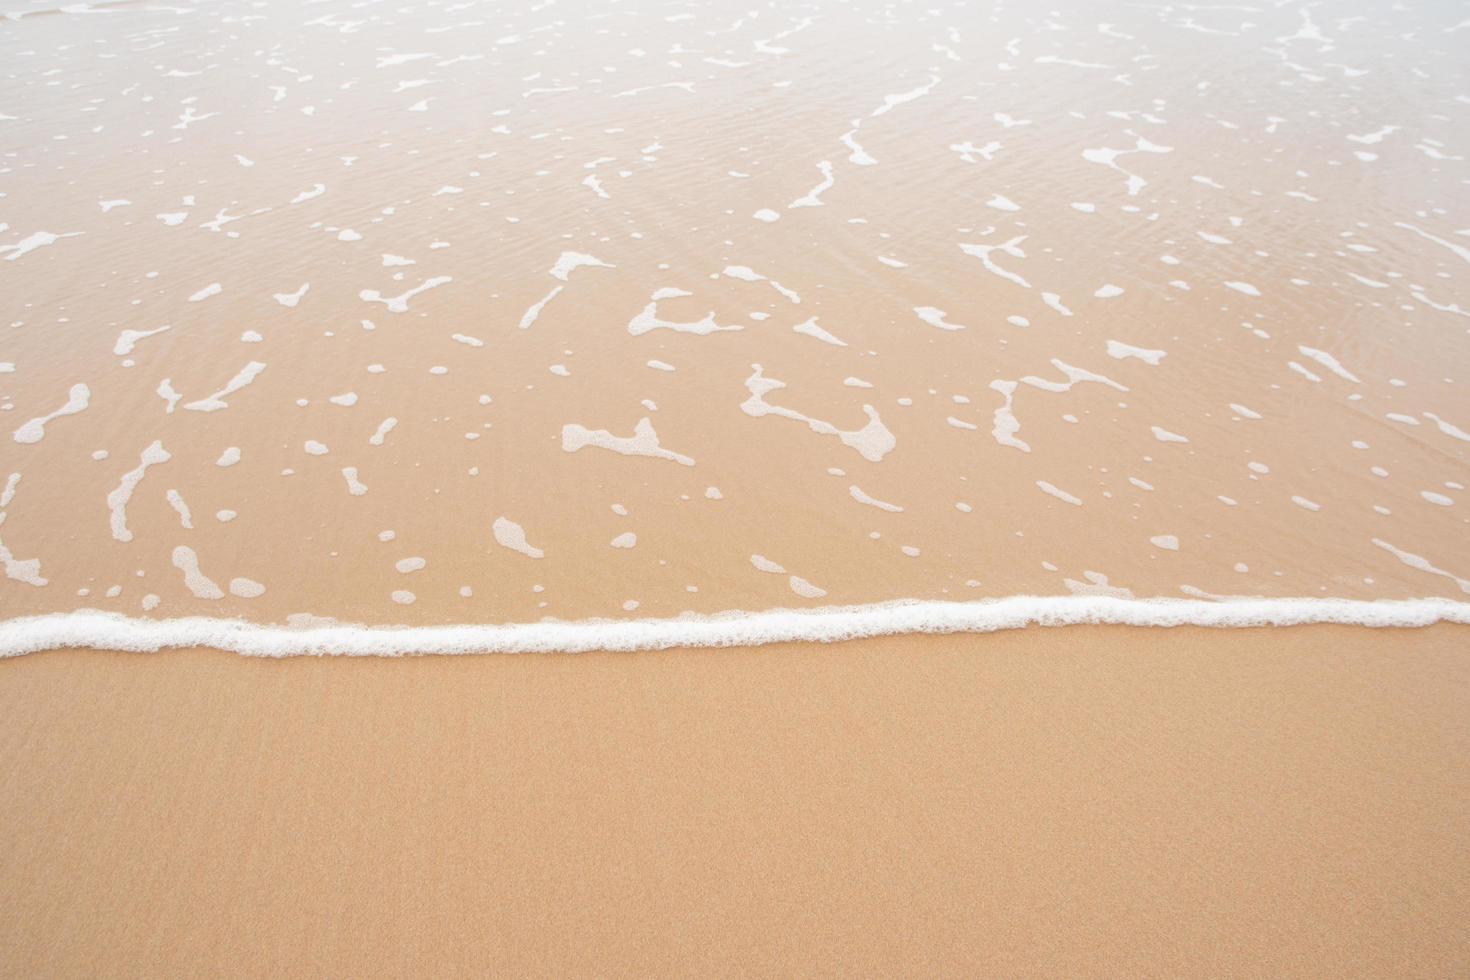 vagues approche plage photo